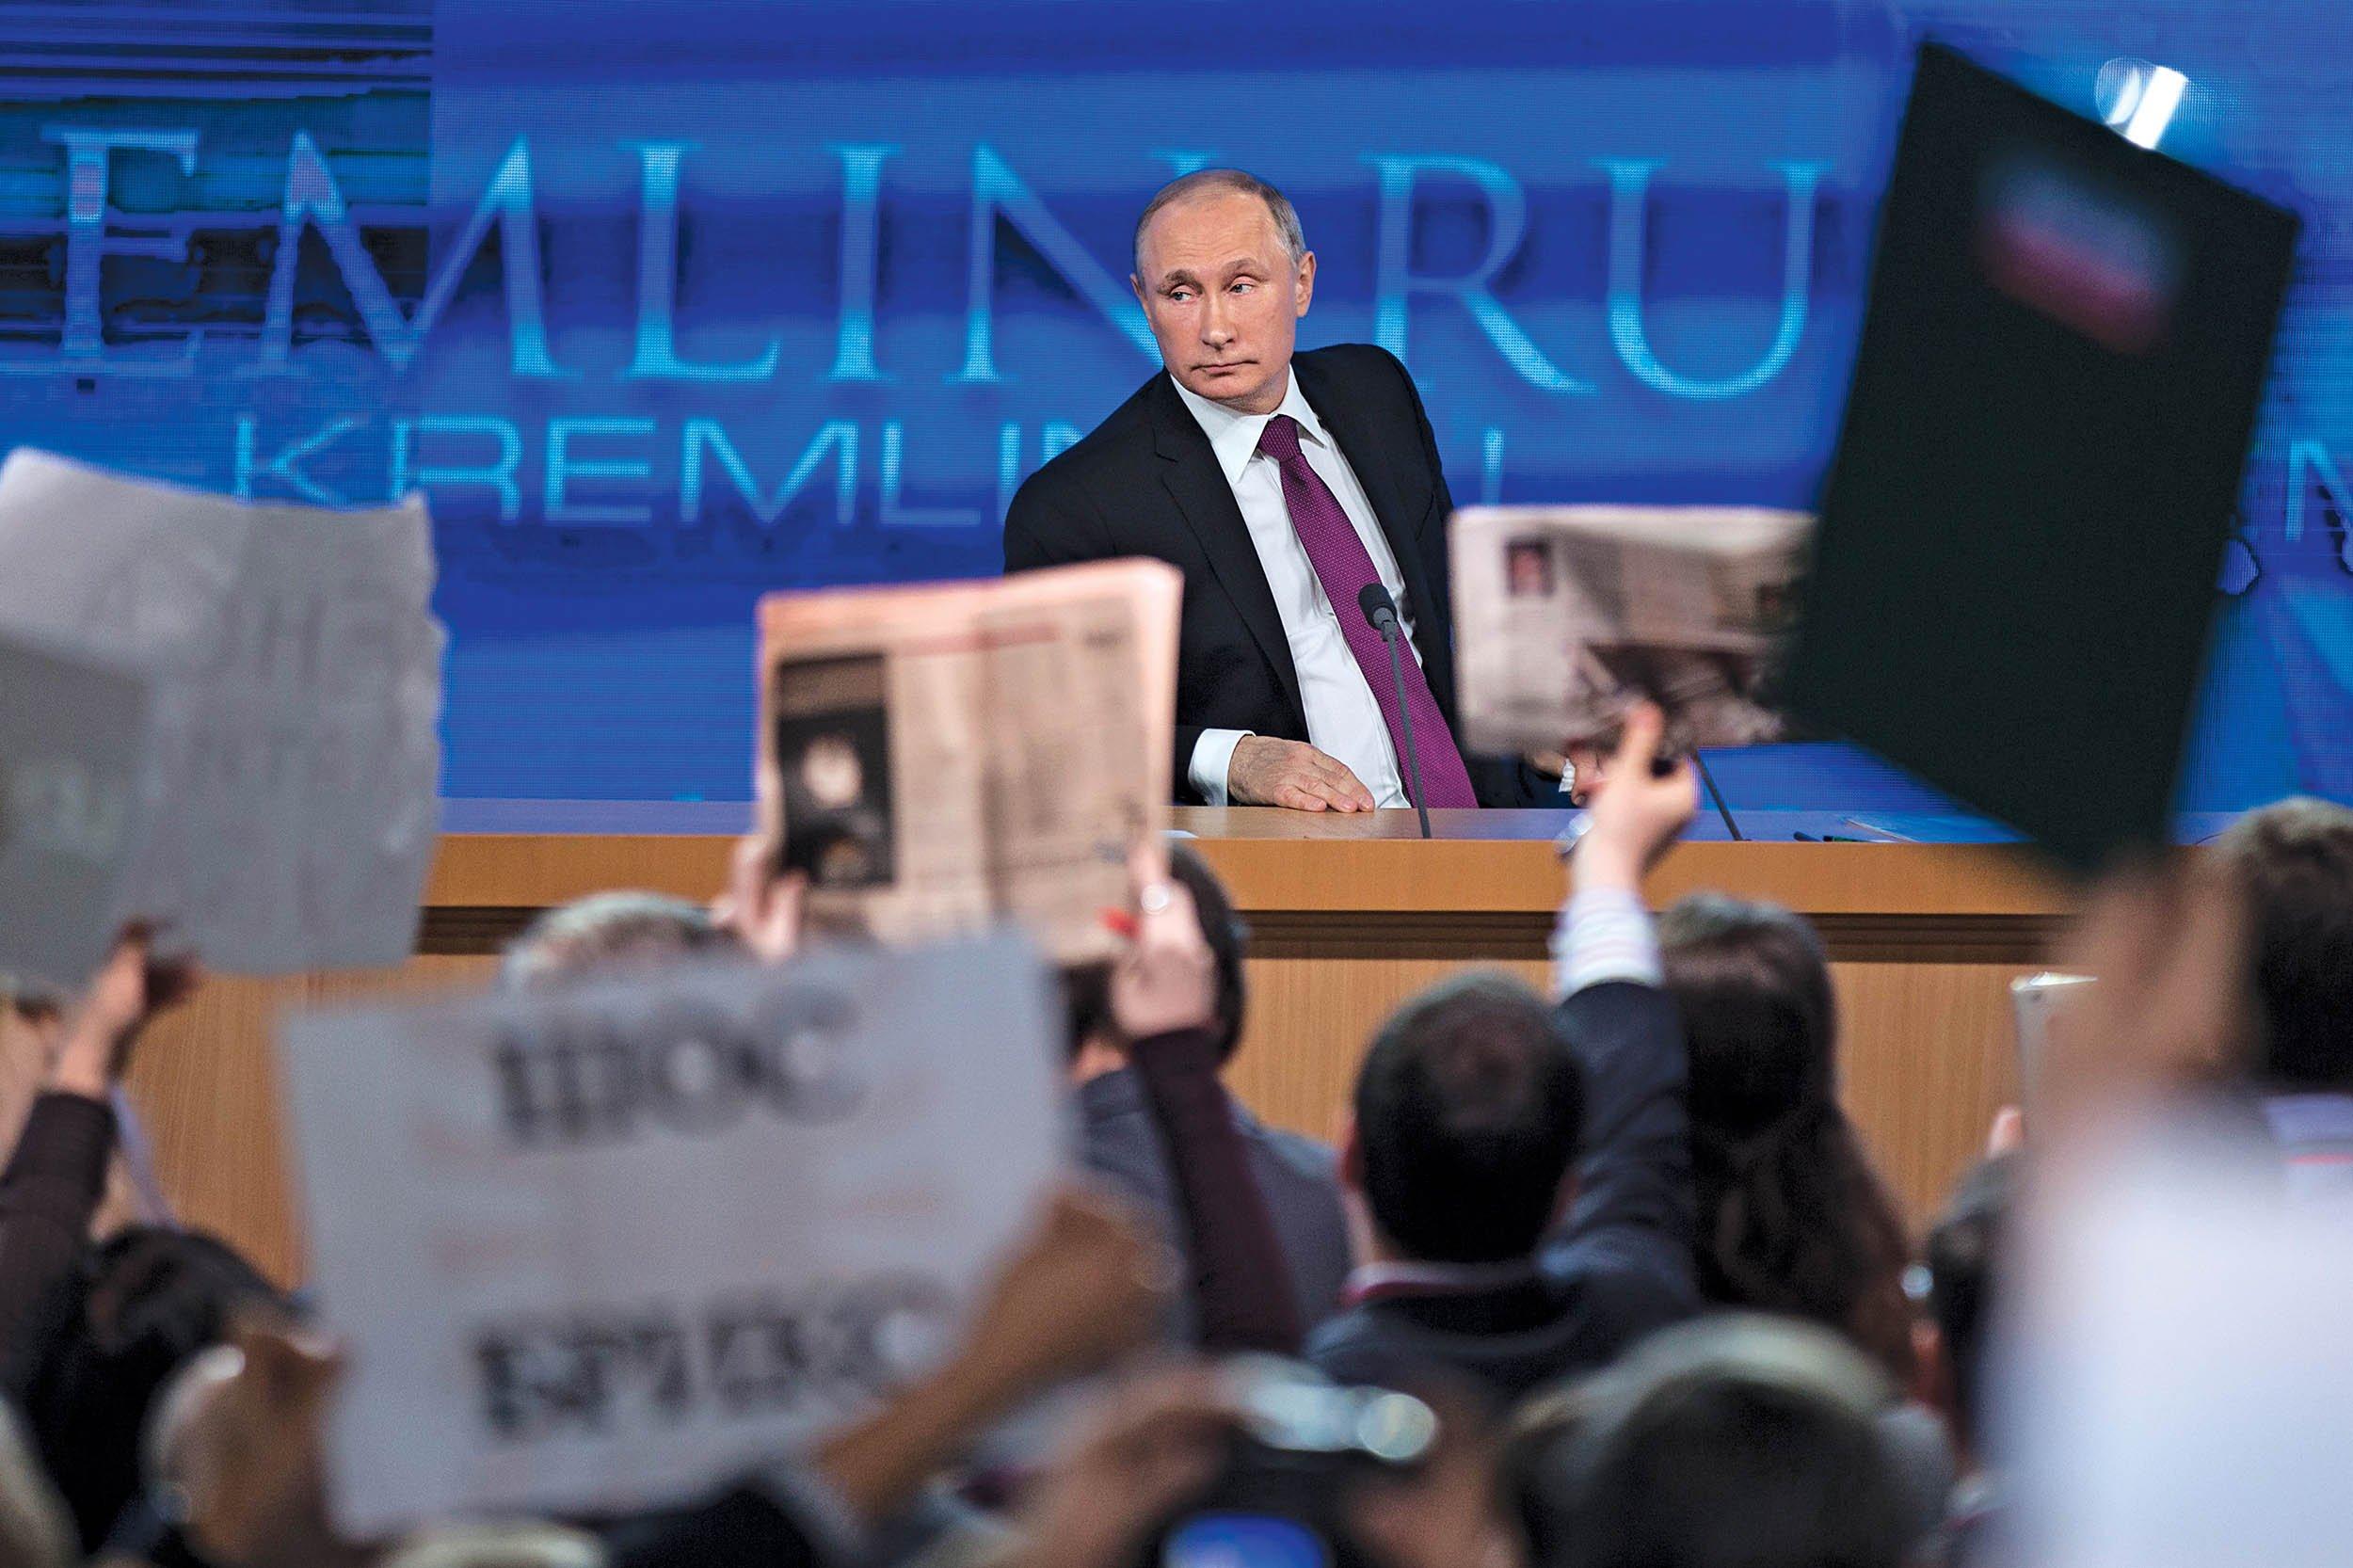 12_26_RussiaMeltdown_01